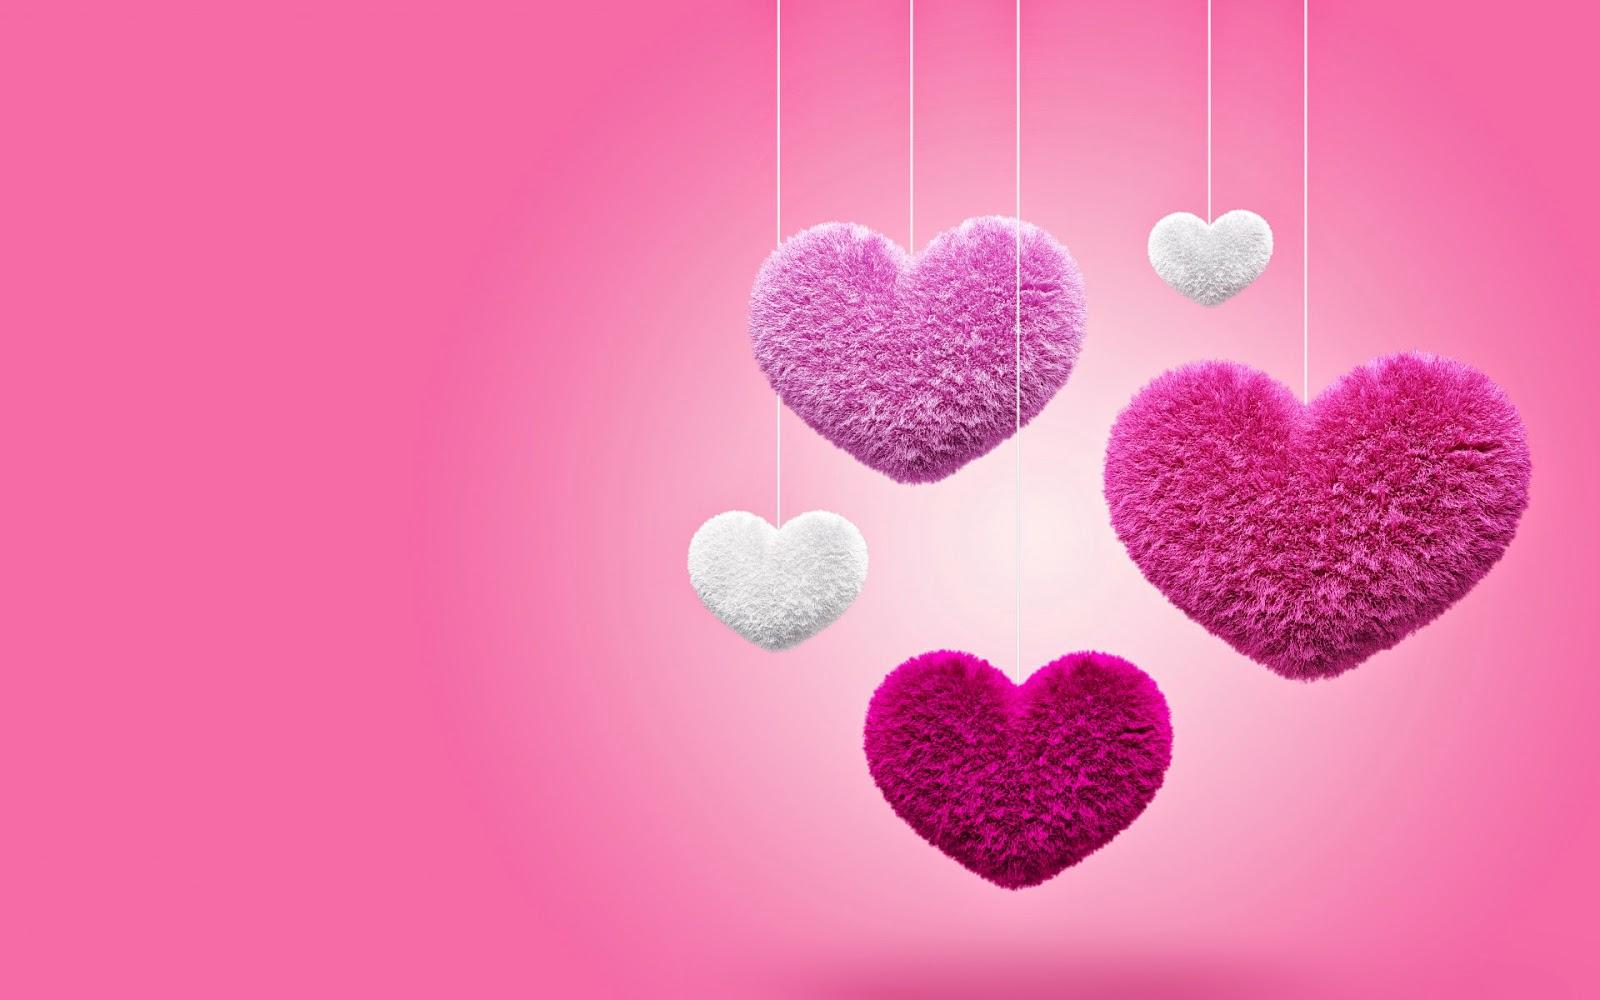 Roze achtergrond met liefdes hartjes van stof